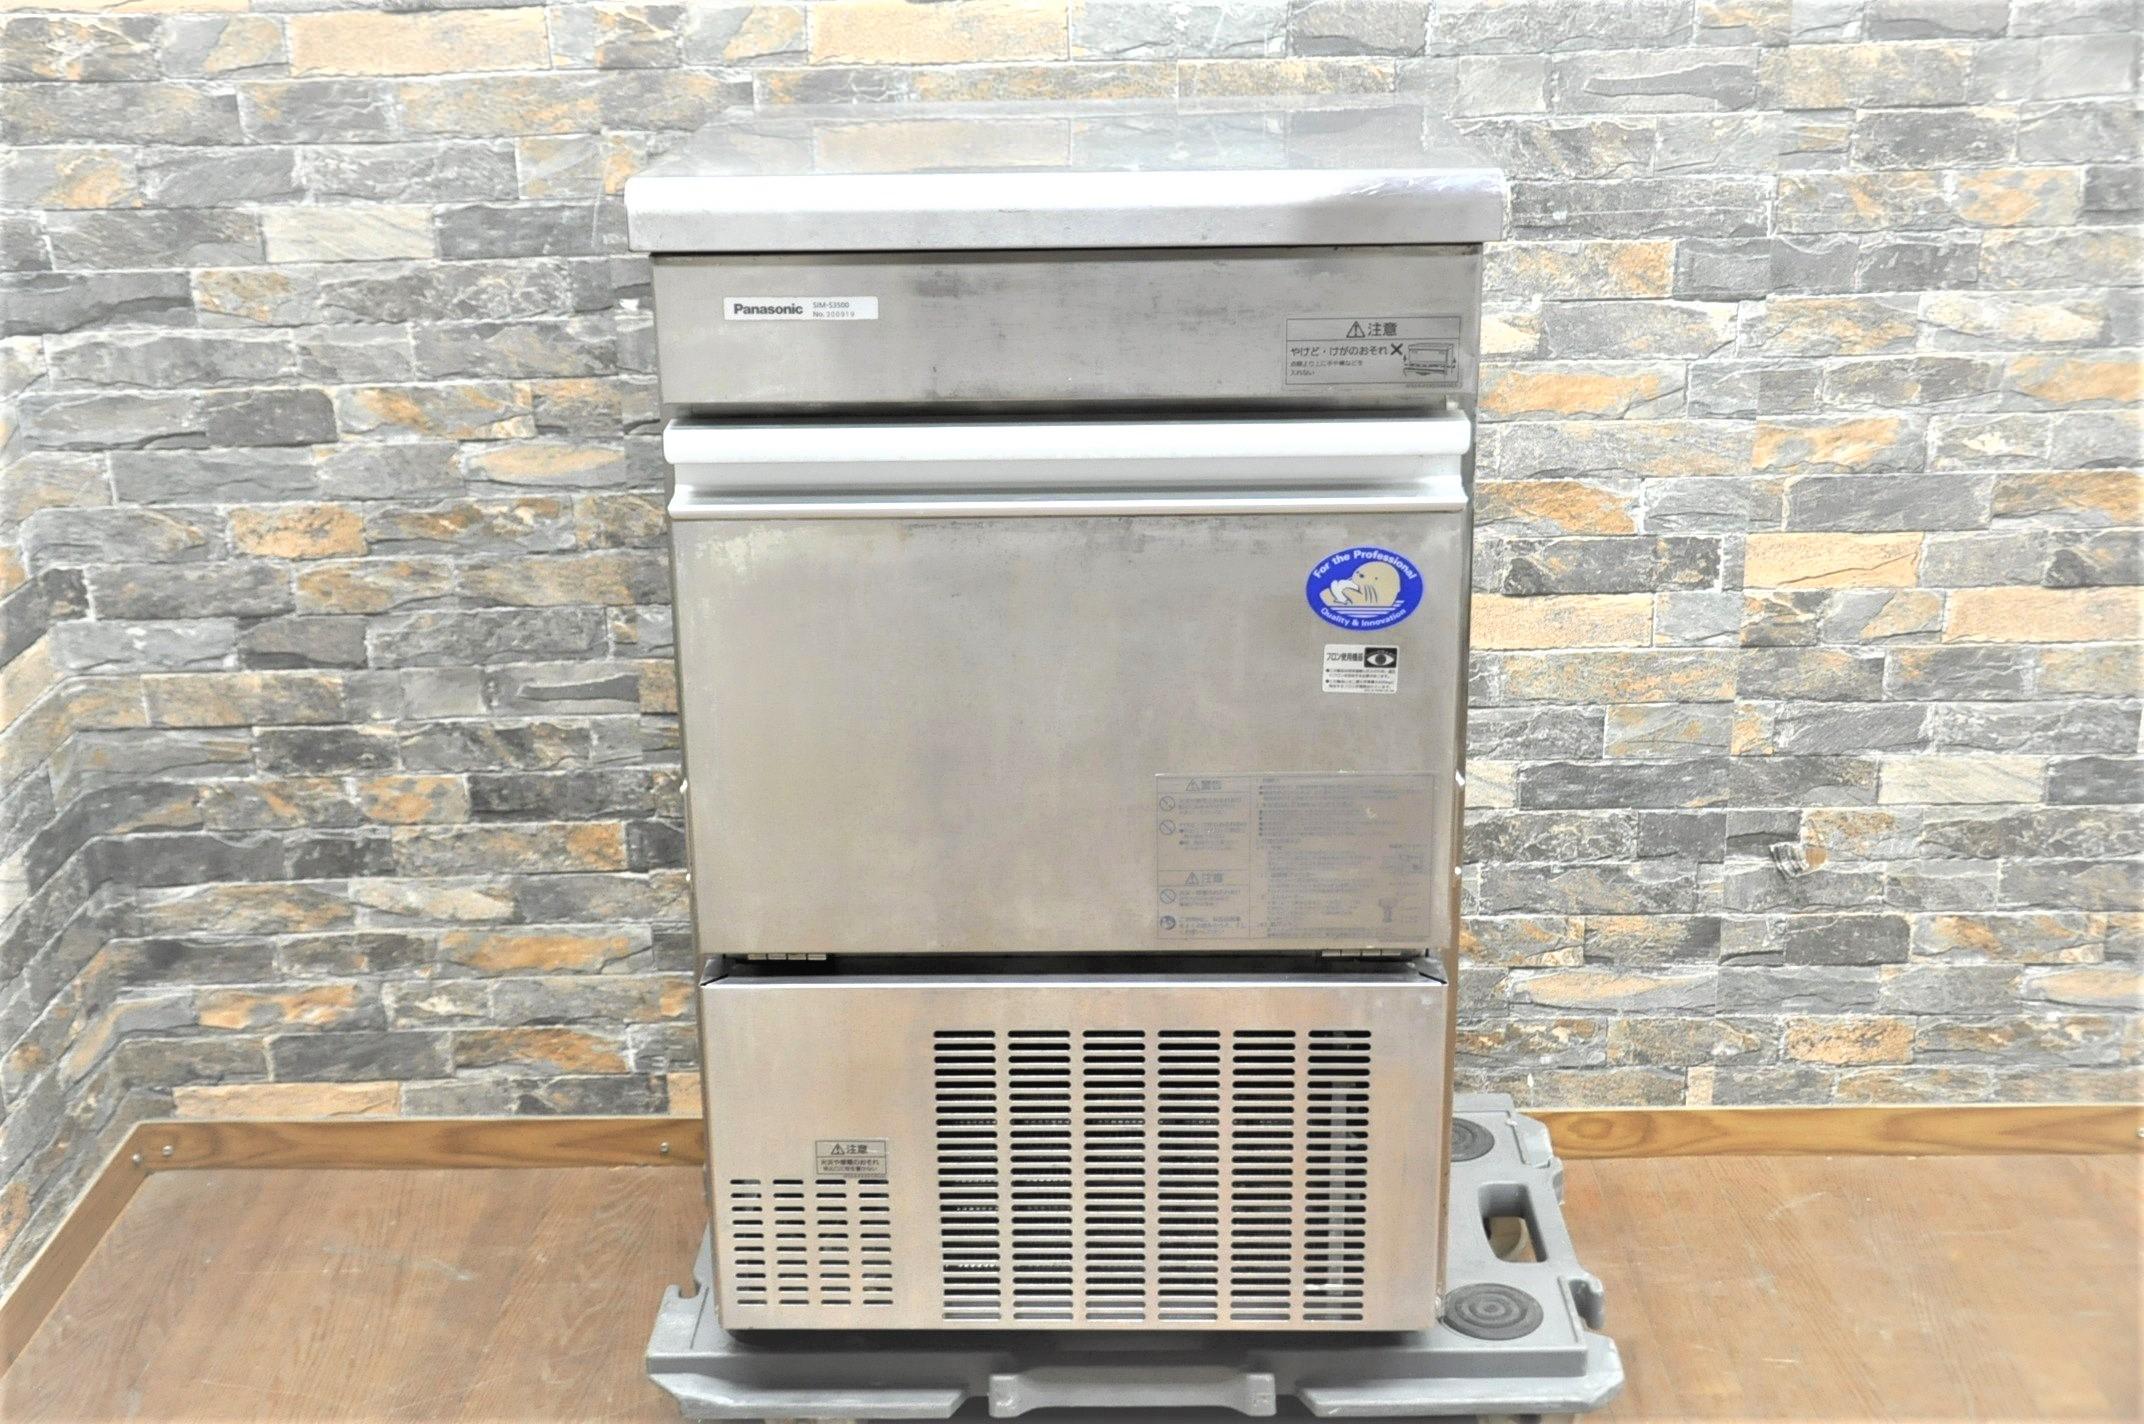 Panasonic パナソニック 製氷機 SIM-S3500 キューブアイス 業務用を買い取りました!(^_-)-☆